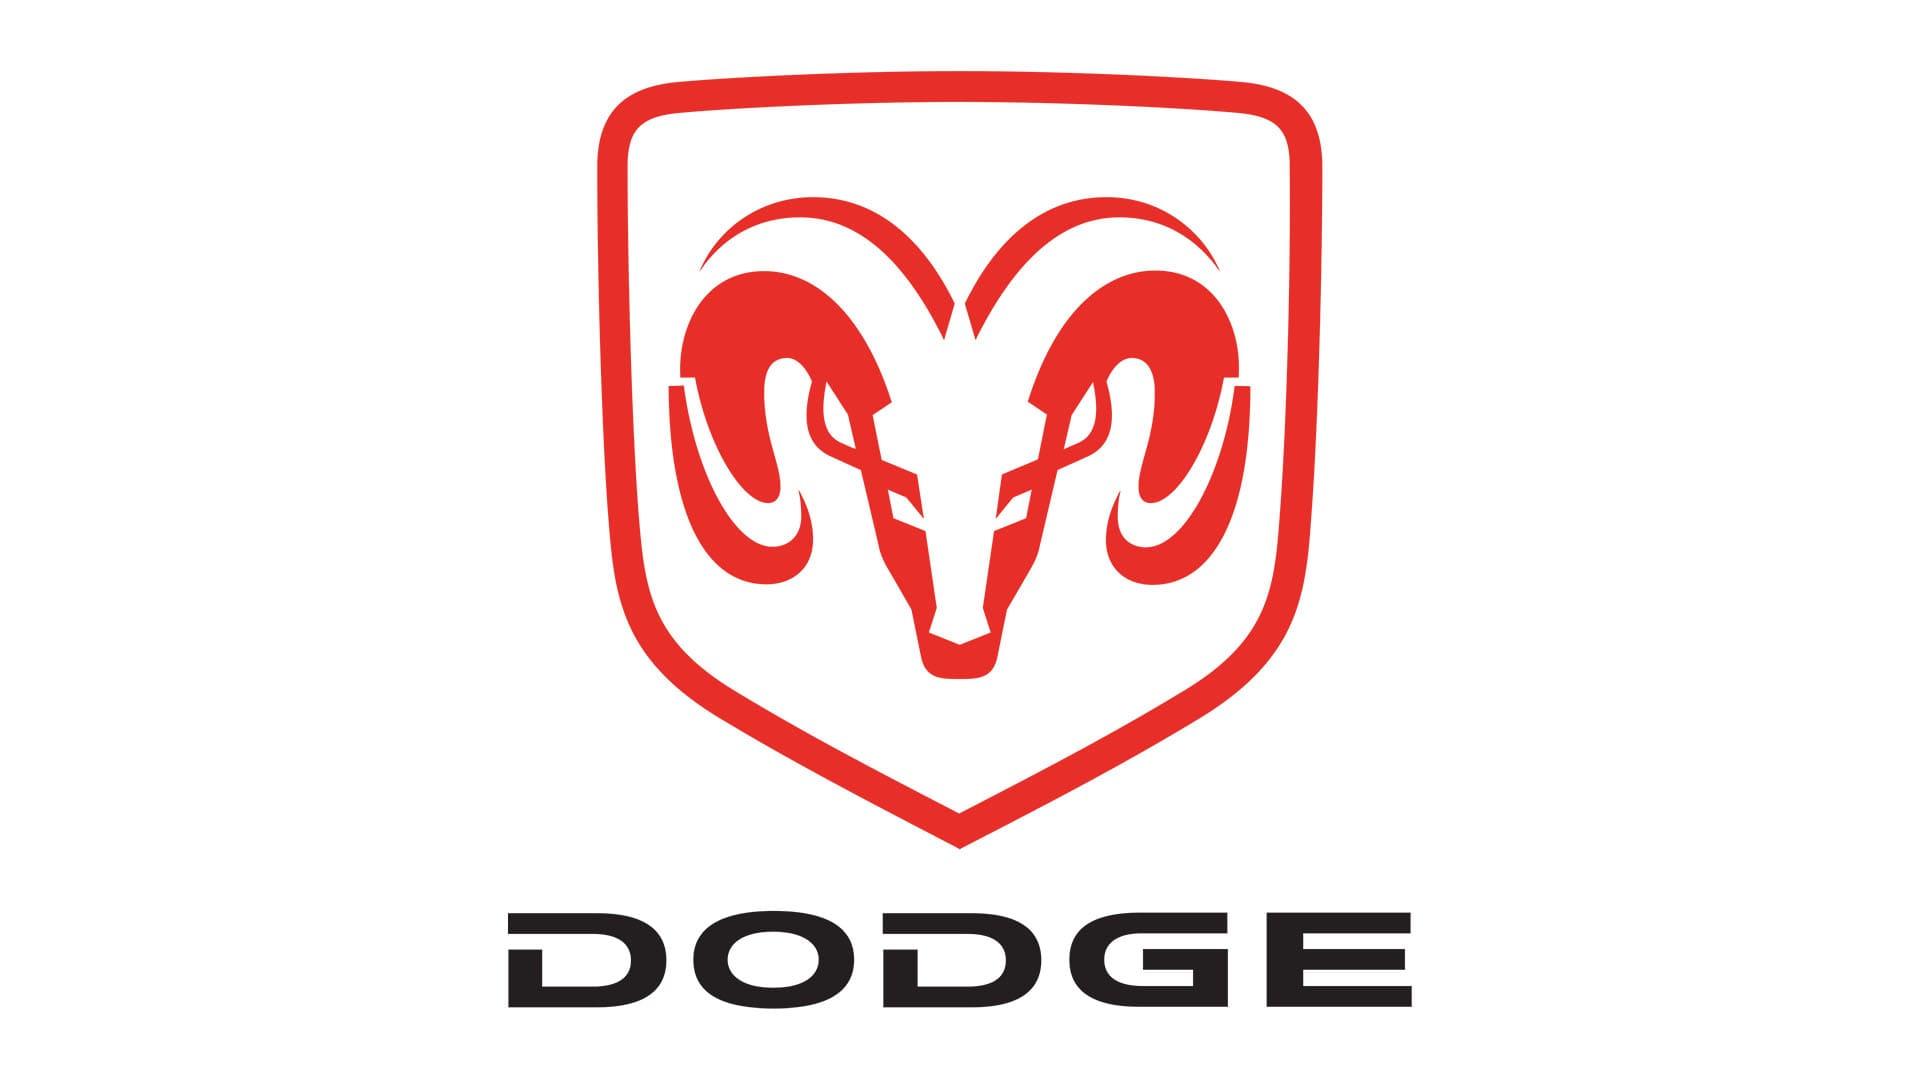 dodge emblem pics Dodge Logo  Logo, zeichen, emblem, symbol. Geschichte und Bedeutung